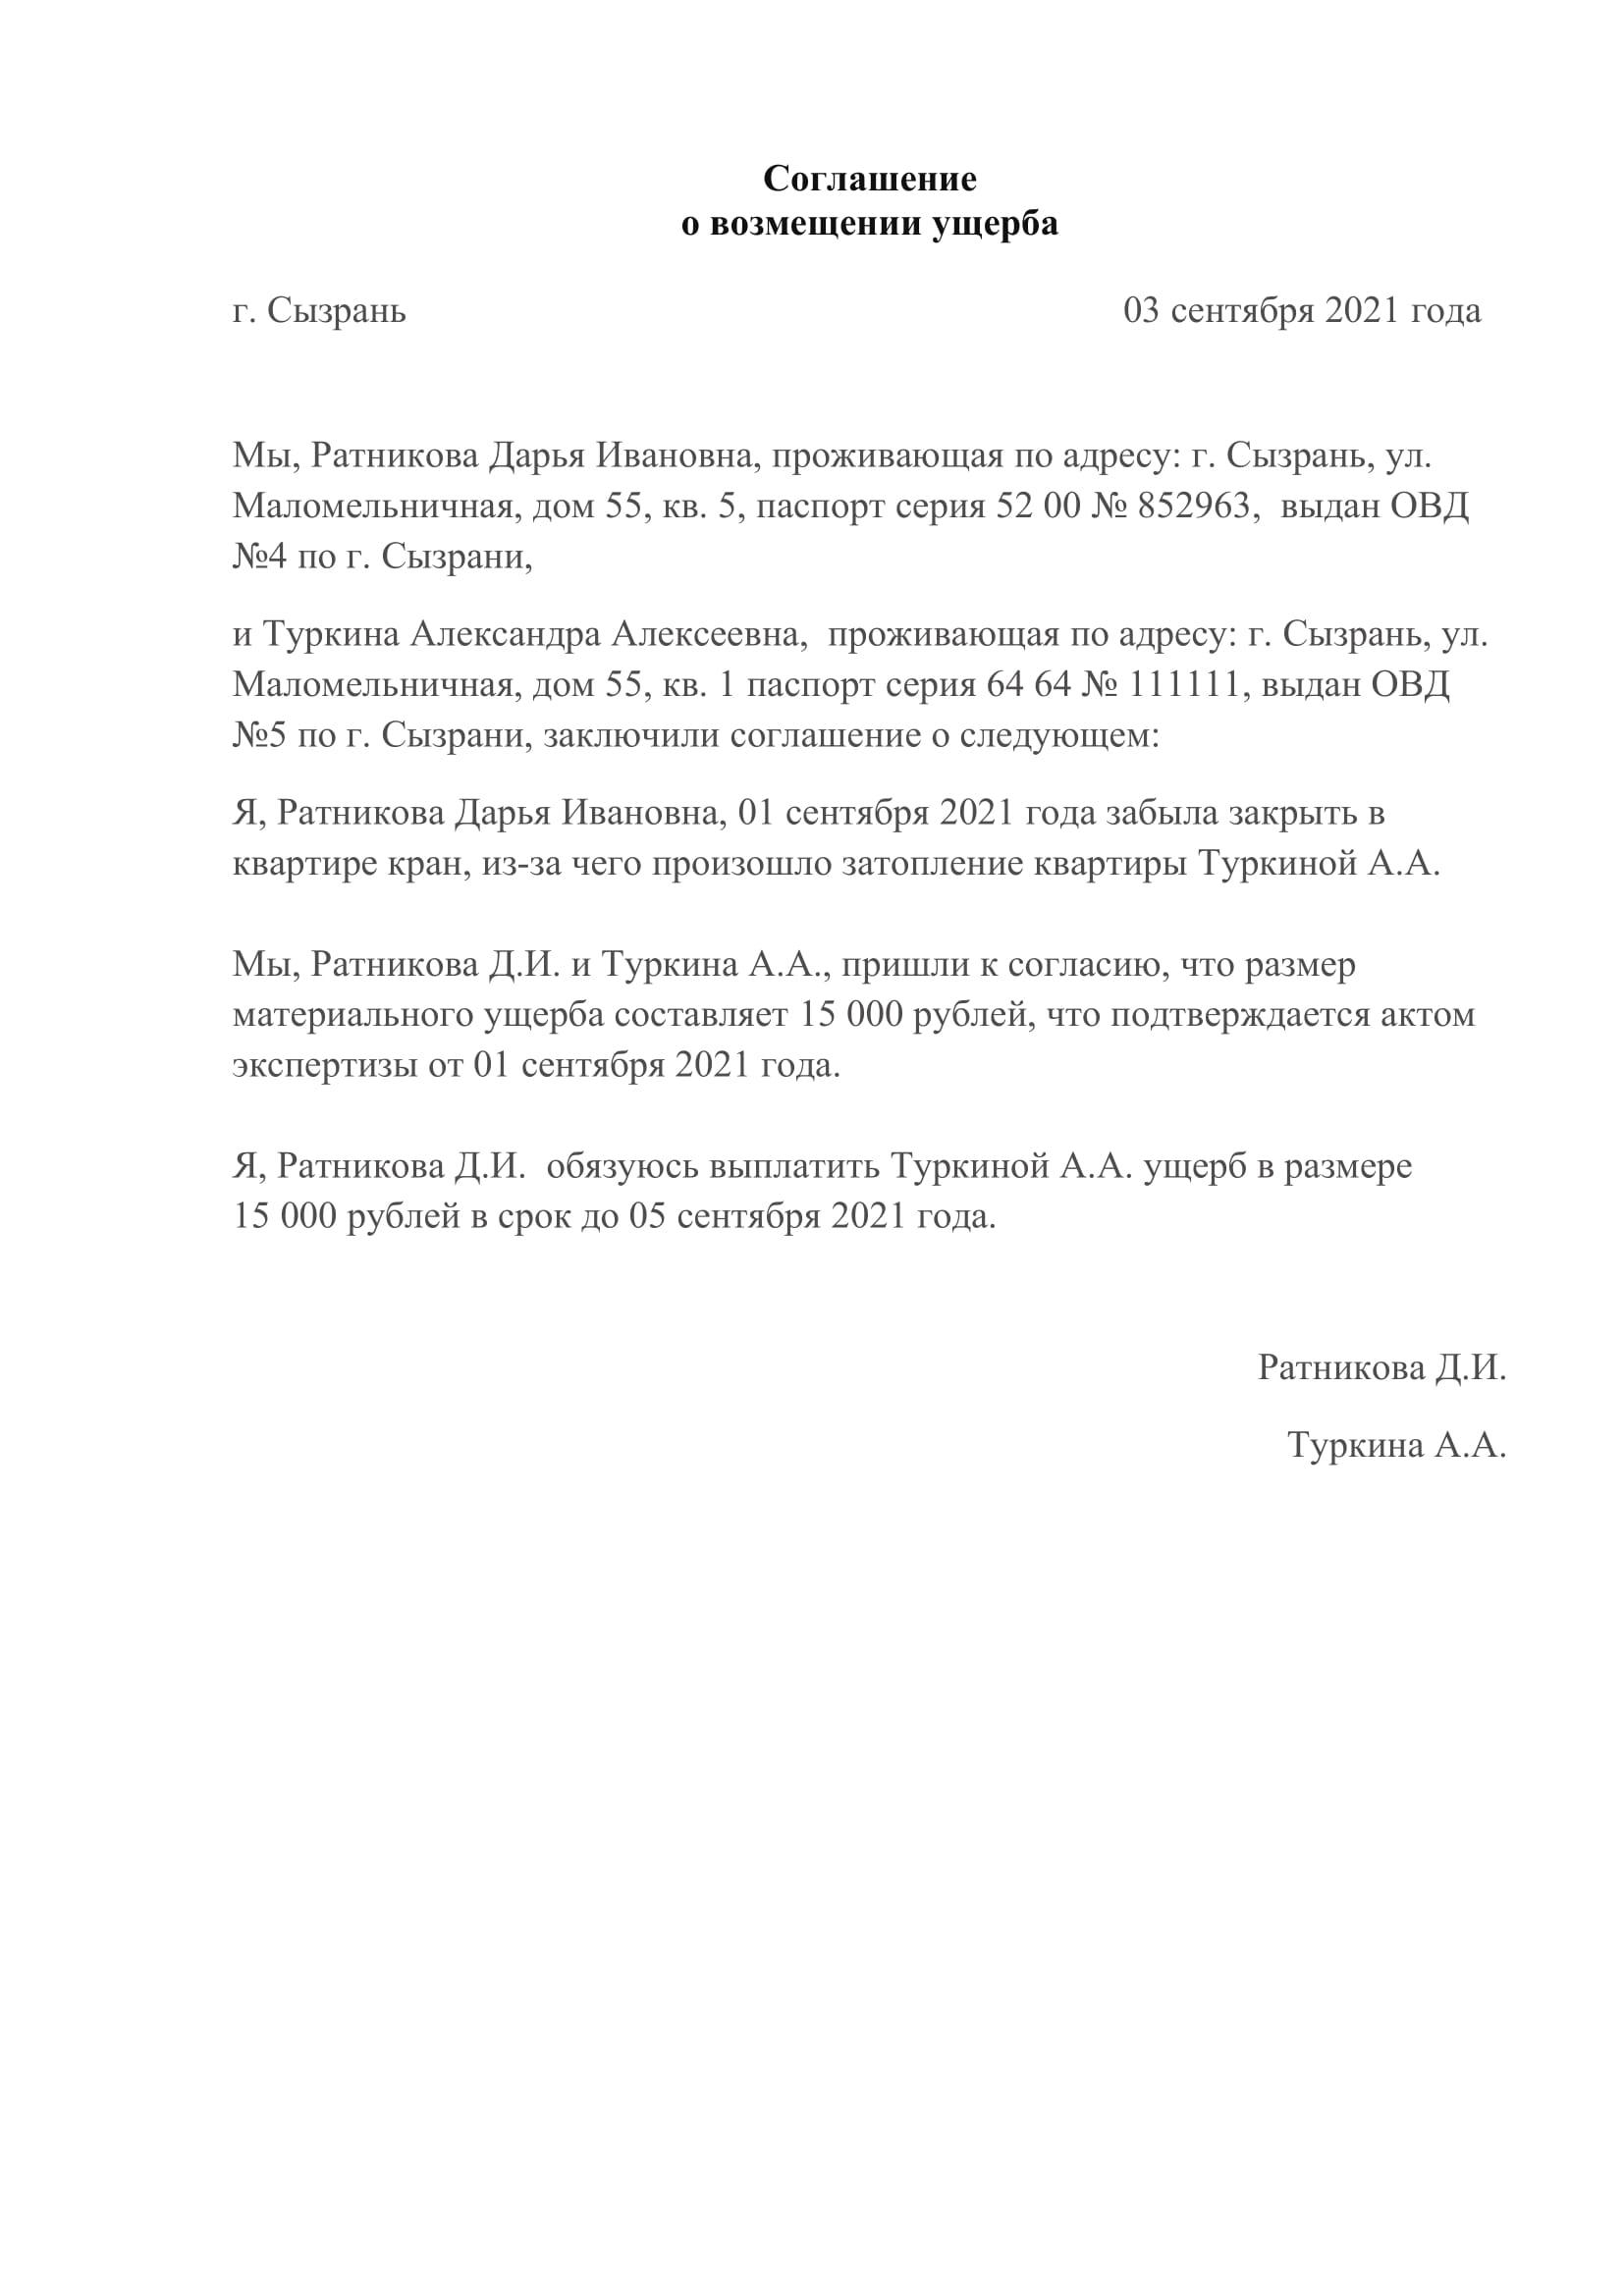 соглашение о возмещение ущерба при затоплении